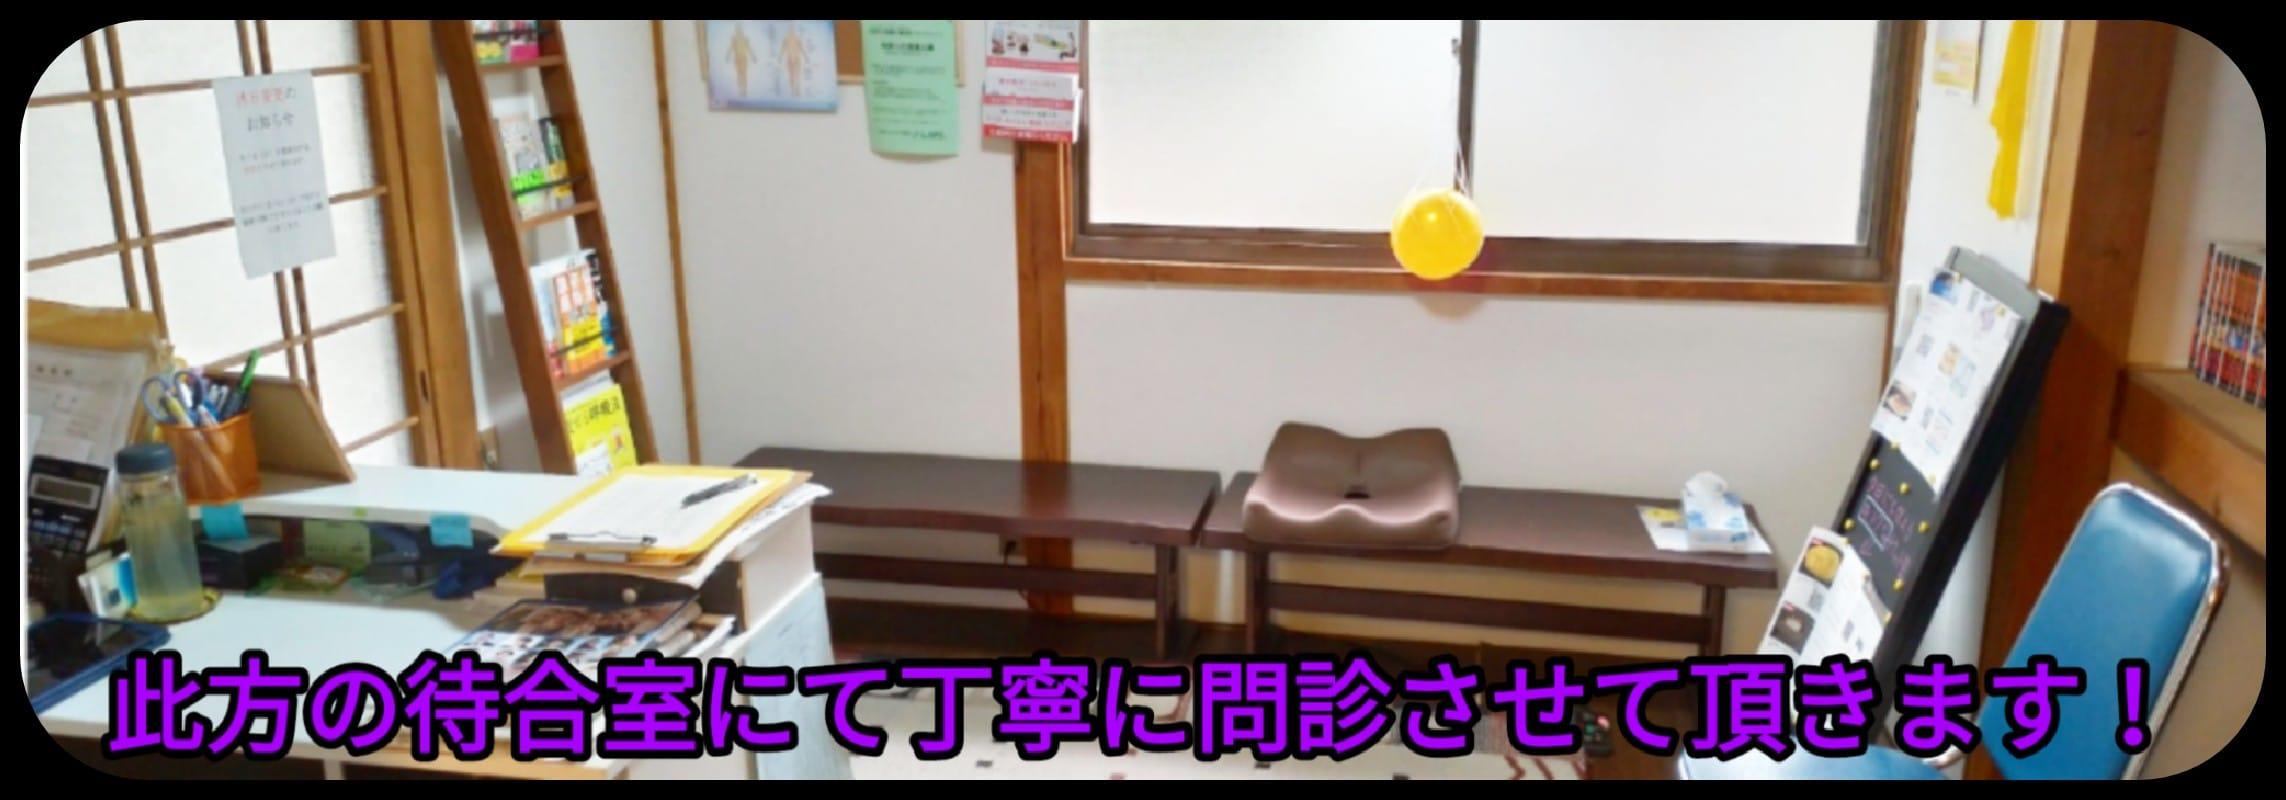 姿勢改善で日常を改善! 佐賀県江北町 藤崎接骨院